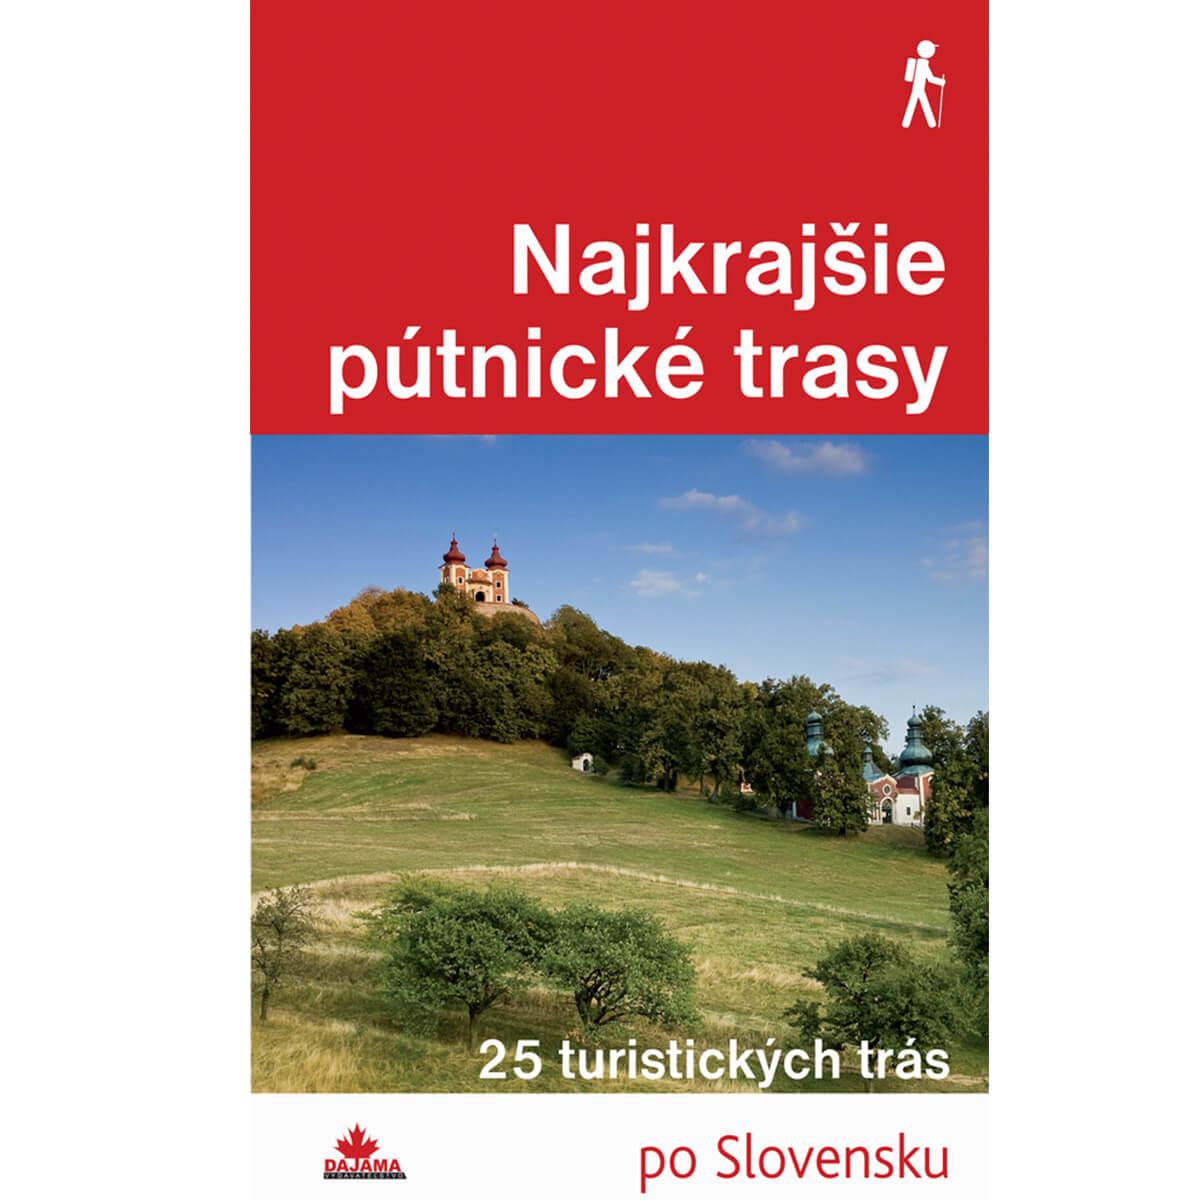 Kniha Najkrajšie pútnické trasy - 25 turistických trás po Slovensku z vydavateľstva Dajama